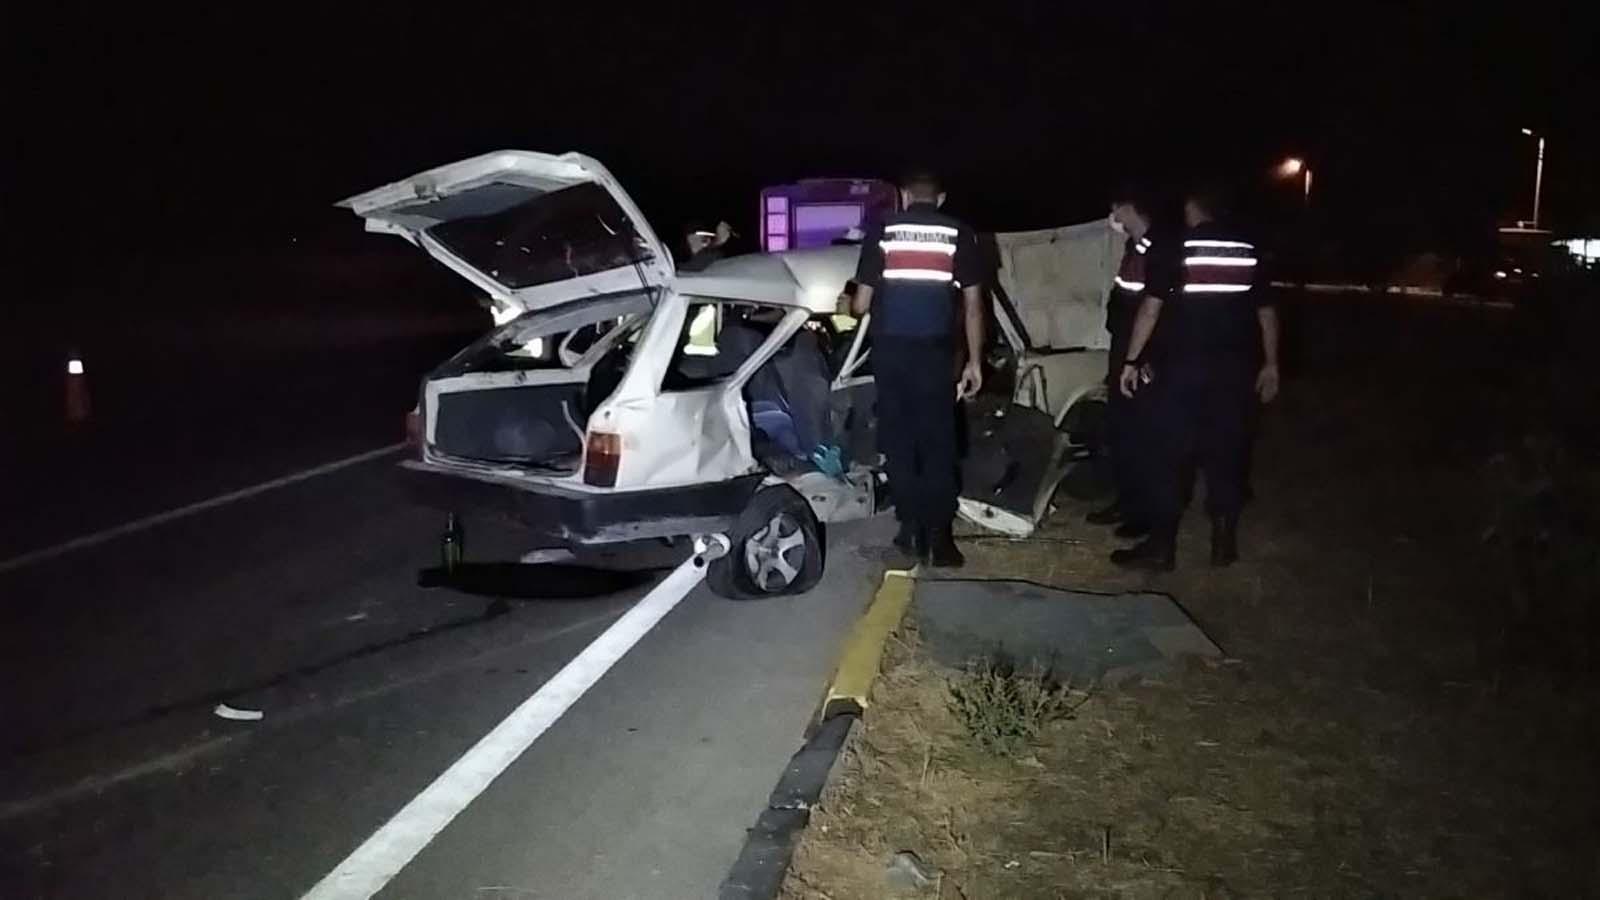 Fethiye'de korkunç kaza: 3 ölü, 5 yaralı